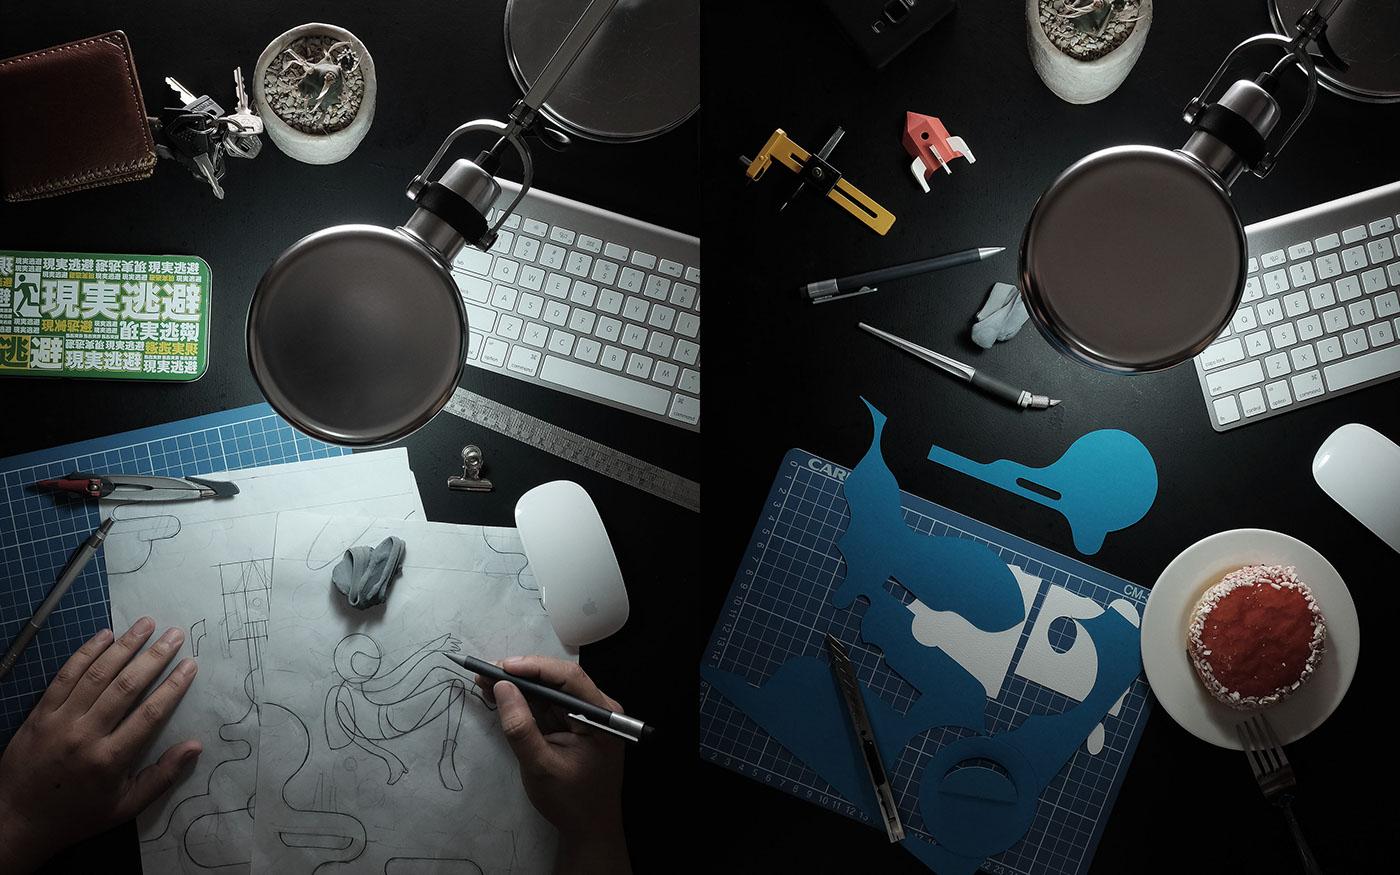 paper art paper sculpture paper decoupage paper tole rocket Space  astronaut future Create